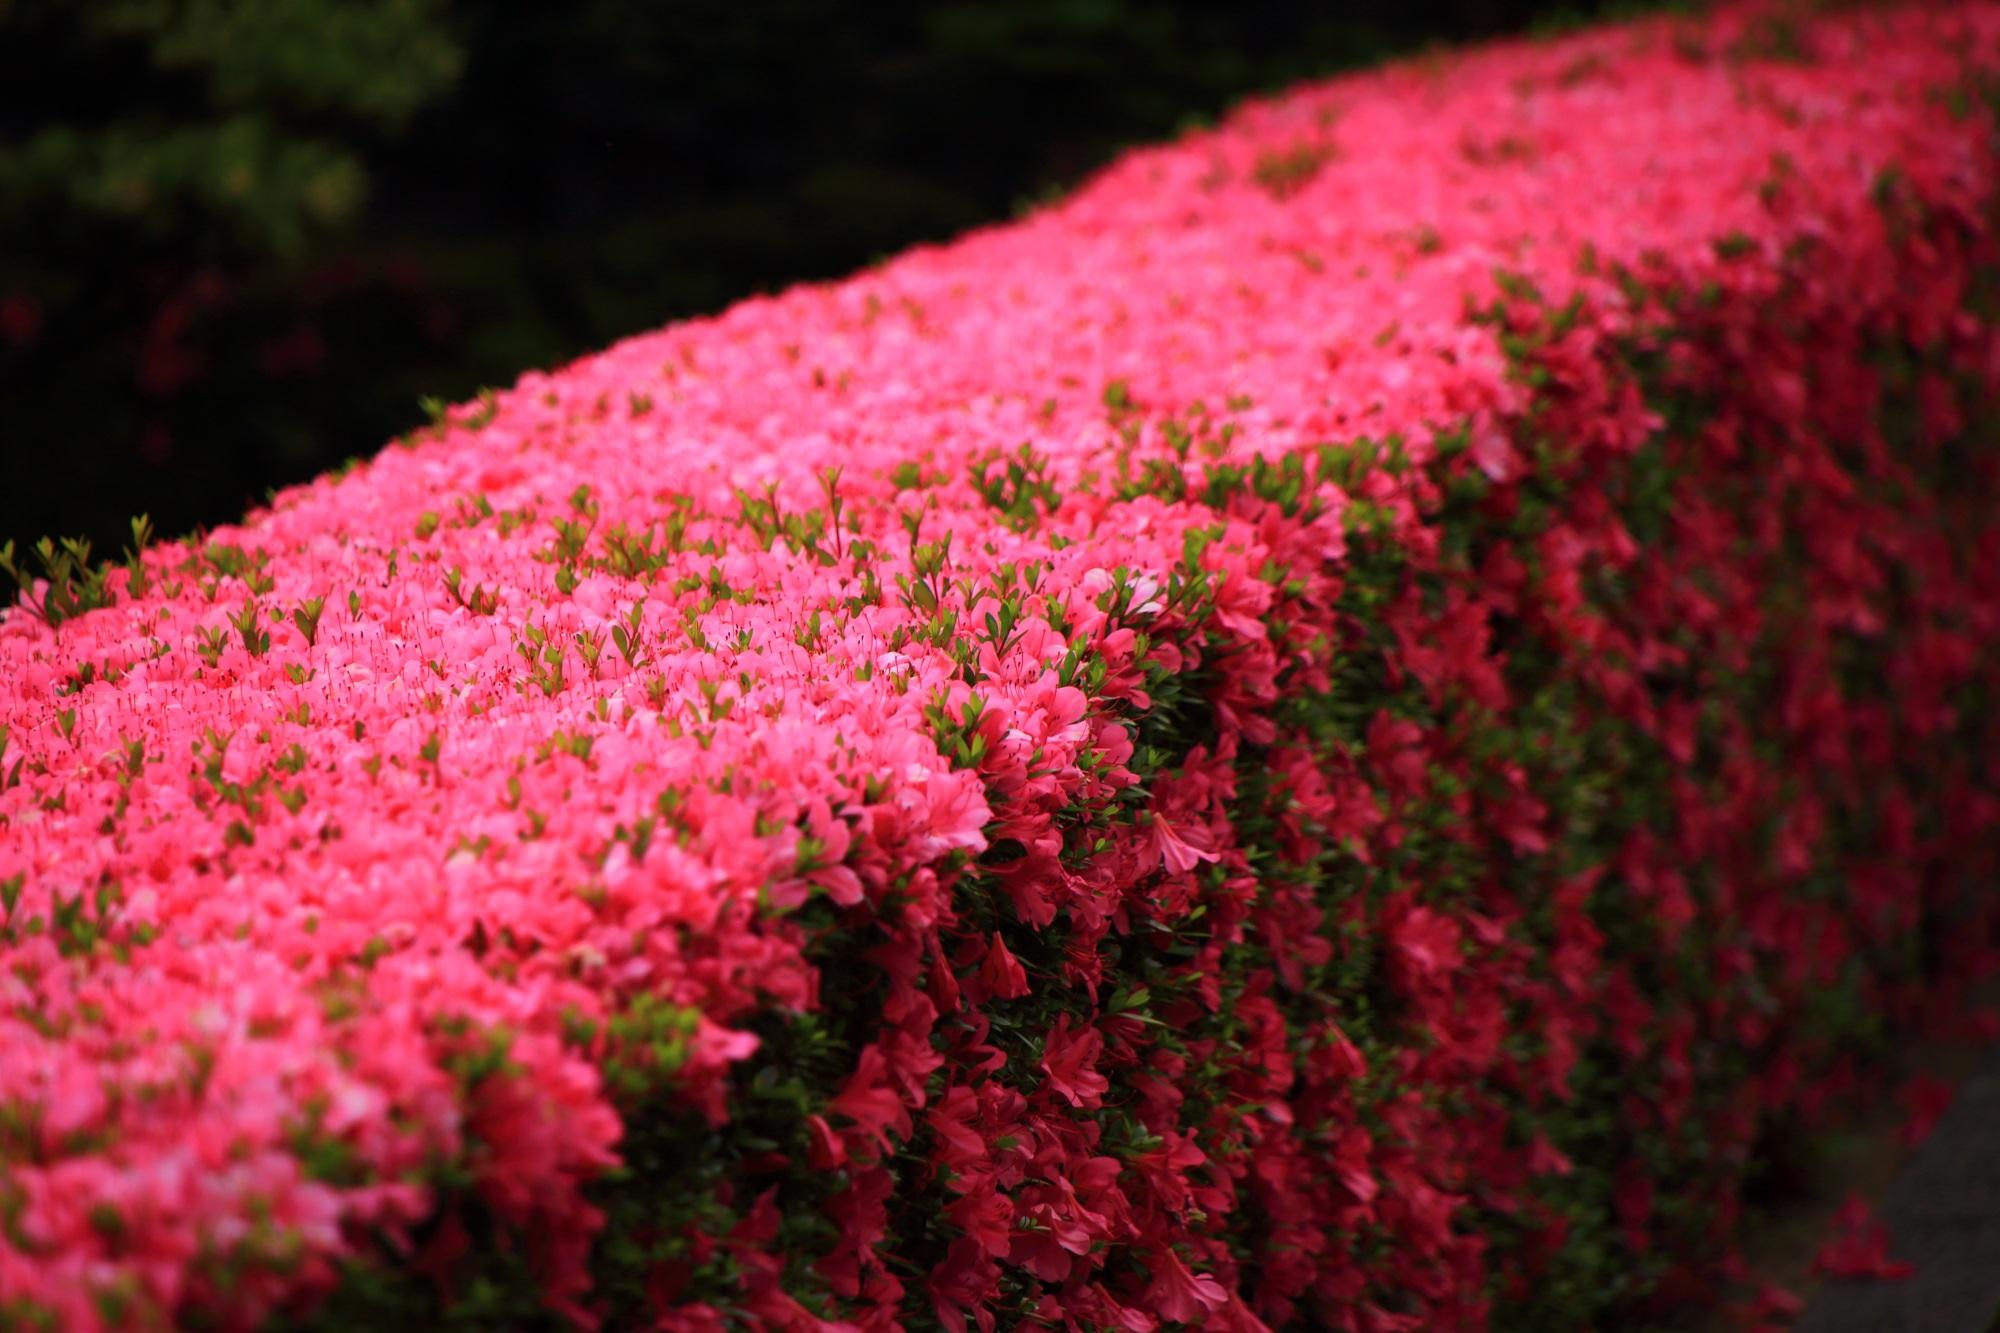 妙心寺塔頭の慈雲院の幻想的な美しい春の彩り